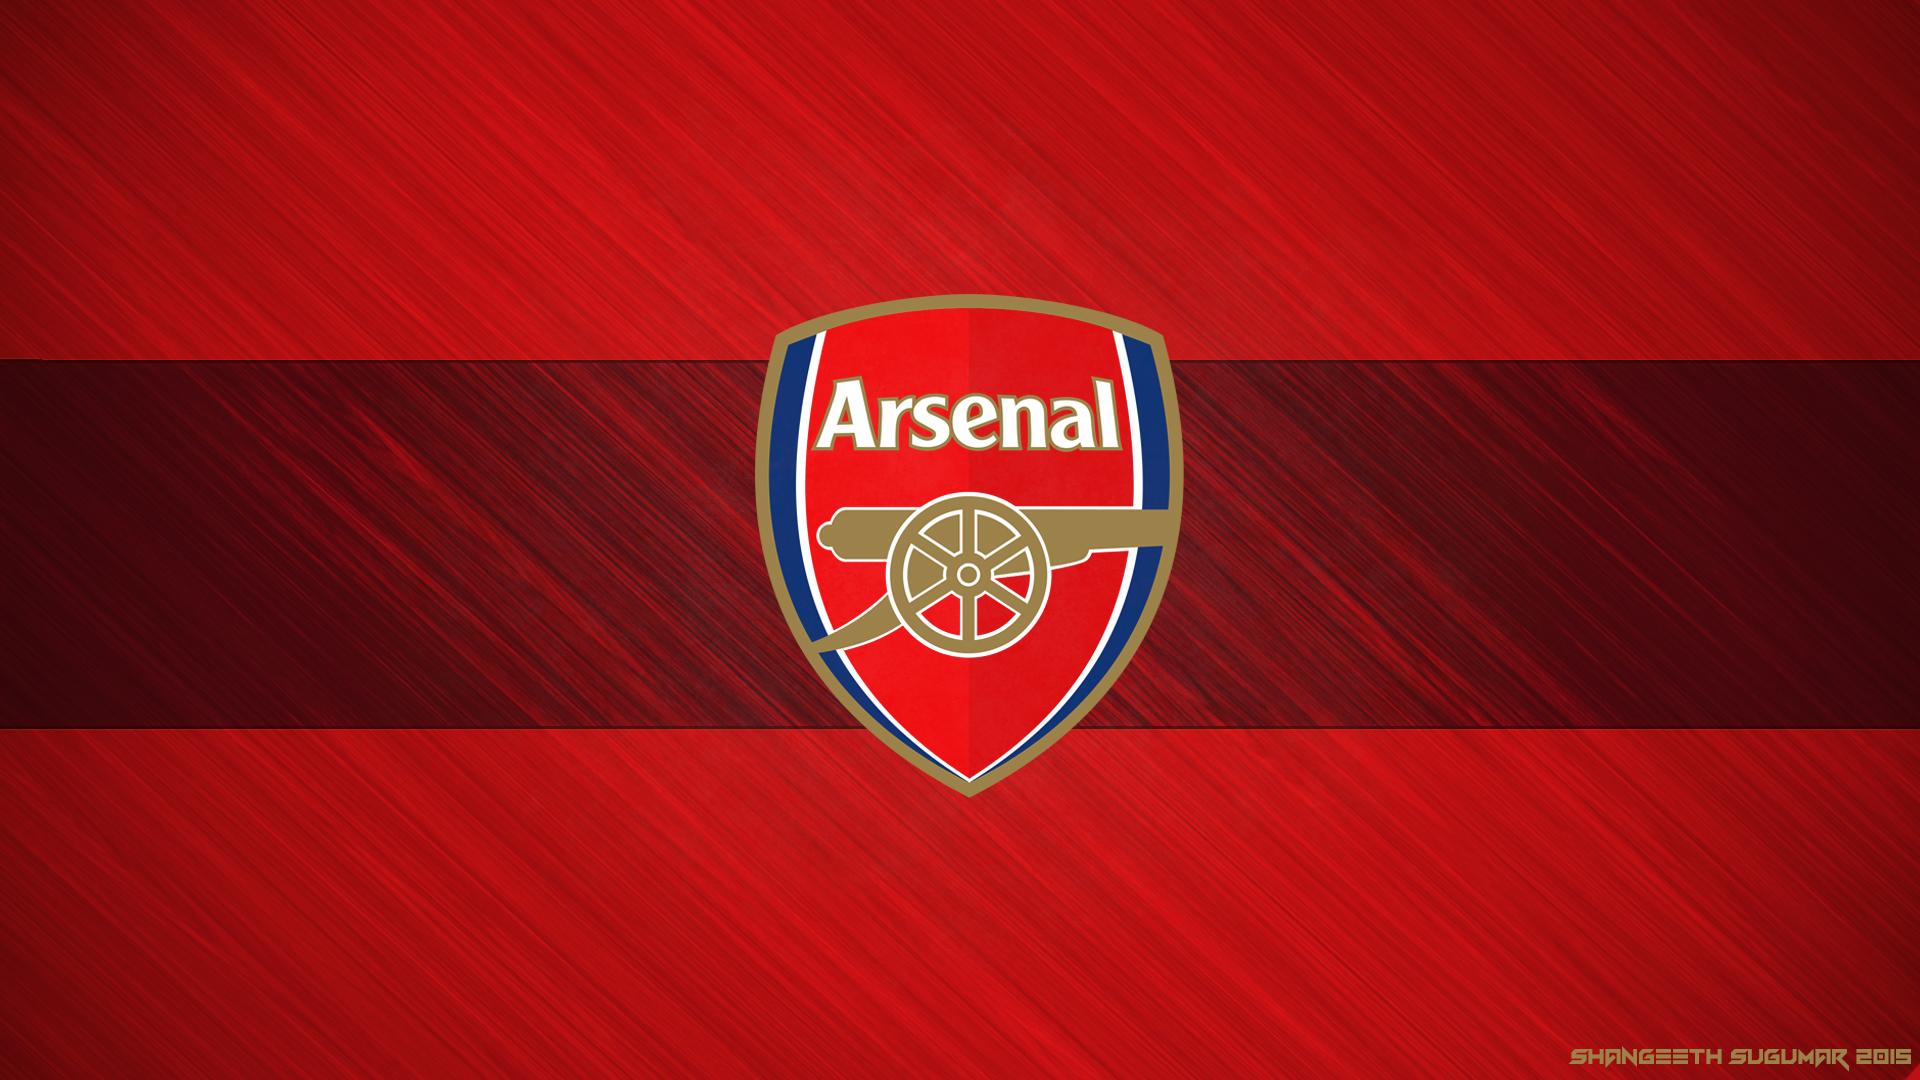 Arsenal Wallpaper 2016 - WallpaperSafari